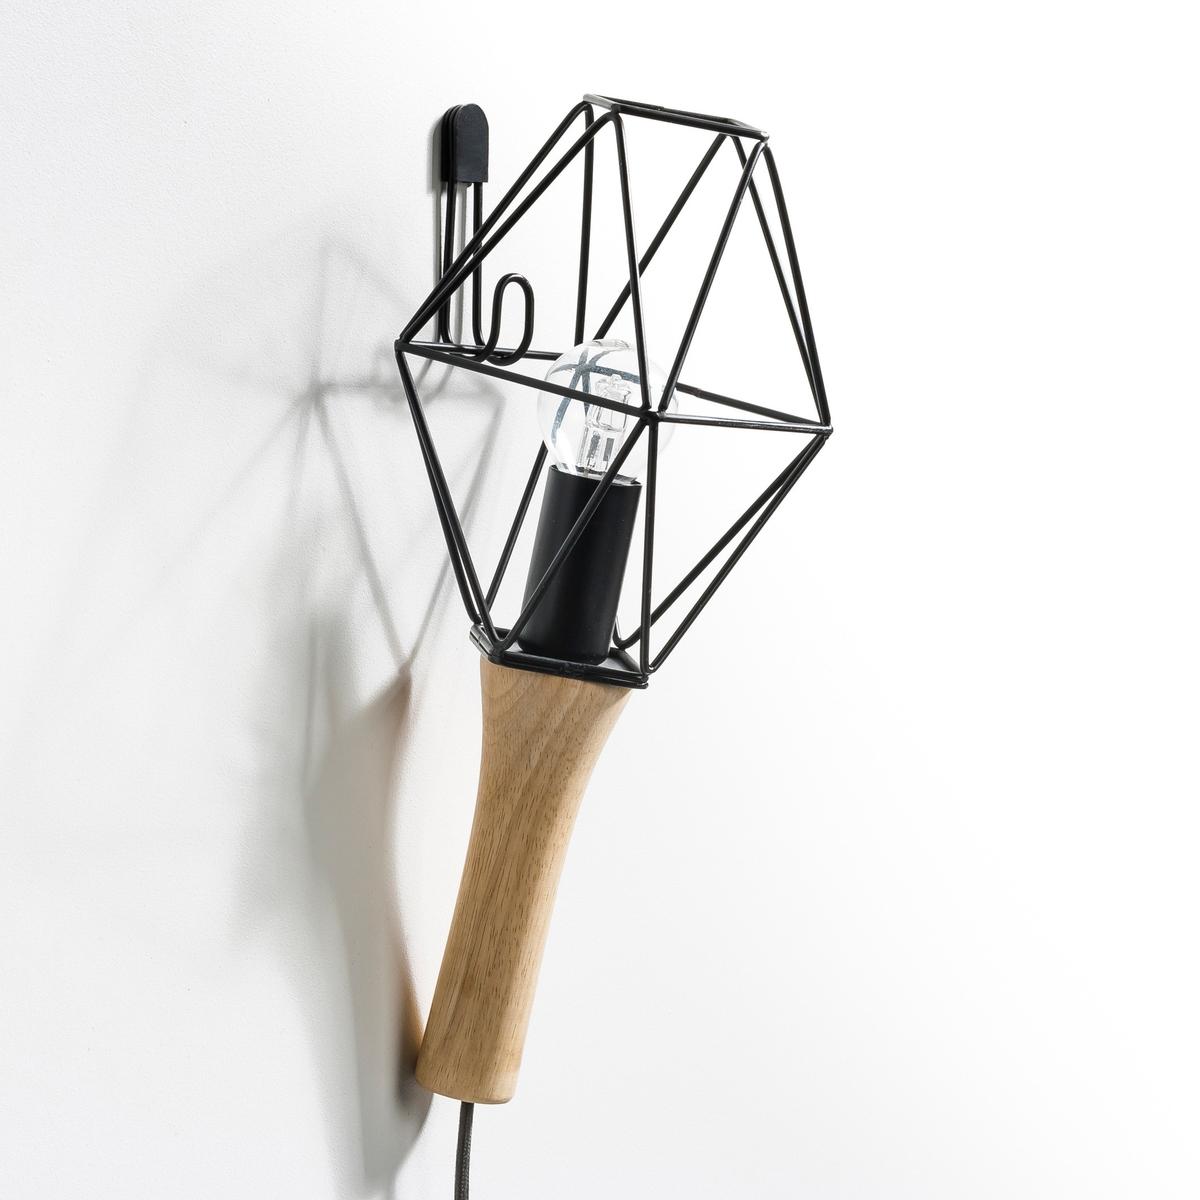 Лампа переносная, NomadeХарактеристики : - Ручка из дуба. - Проволочный каркас из металла, покрытого черной эпоксидной краской, медное, латунное или хромированное покрытие- Кабель с оболочкой из текстиля черного цвета.- Патрон E14 для лампы 40 Вт (продается отдельно). - Совместима с лампами класса энергопотребления A-B-C-D-E.       Размеры : - Ручка : длина. 13,5 см.- Абажур из металлической проволоки : ширина. 15,2 см x длина. 18 см.- Кабель длиной 2,5 метра.<br><br>Цвет: медный,черный